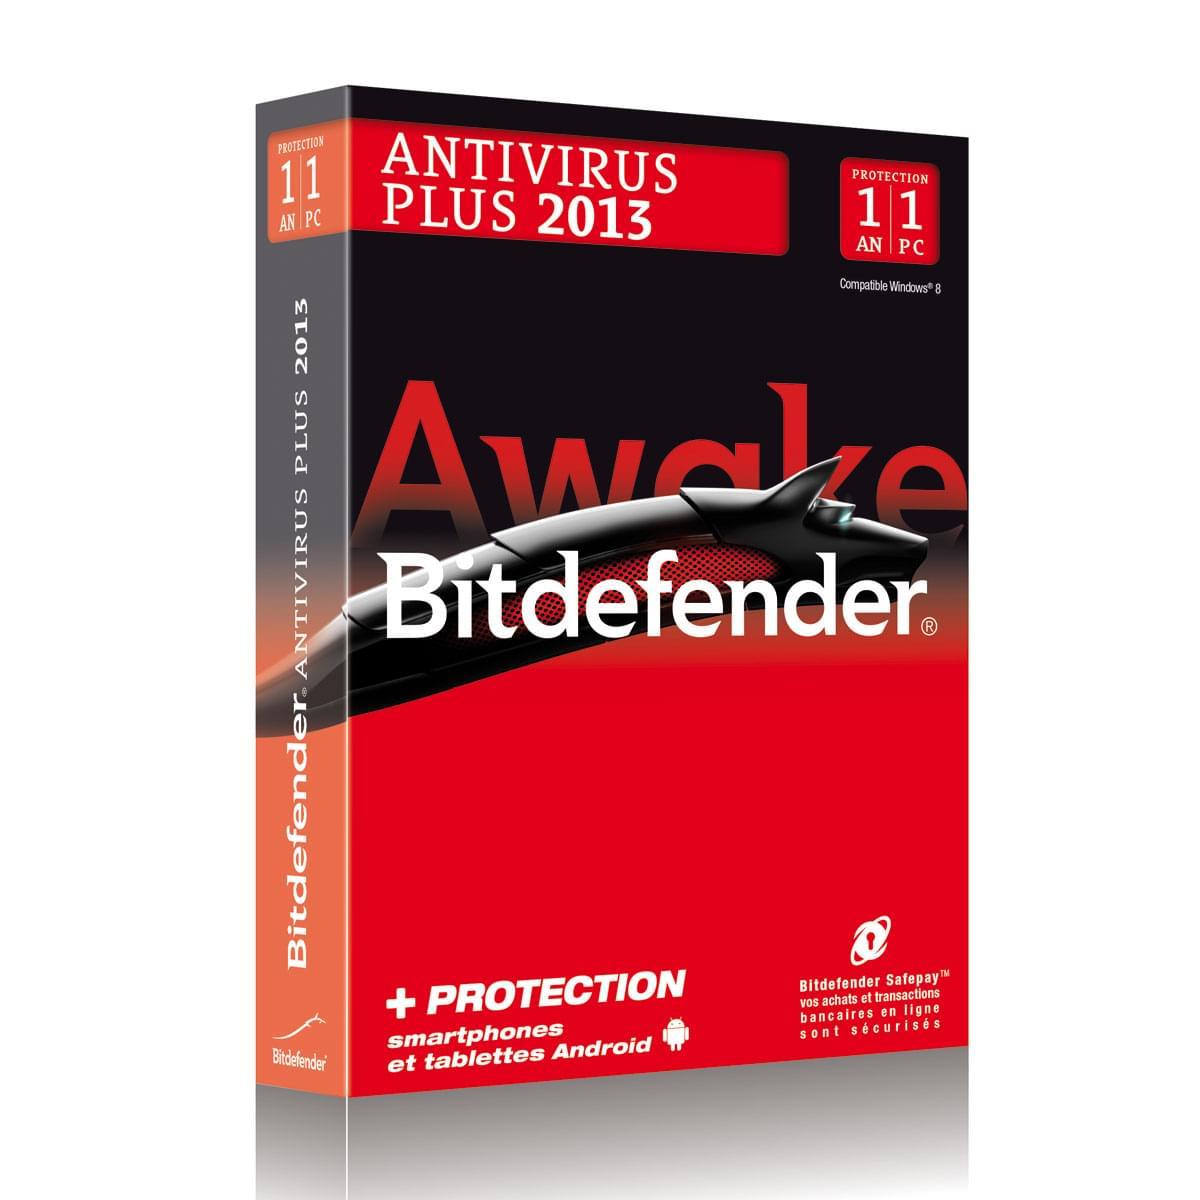 Bitdefender Antivirus Plus 2013 (B-FBDAV-3W1P001) - Achat / Vente Logiciel sécurité sur Cybertek.fr - 0